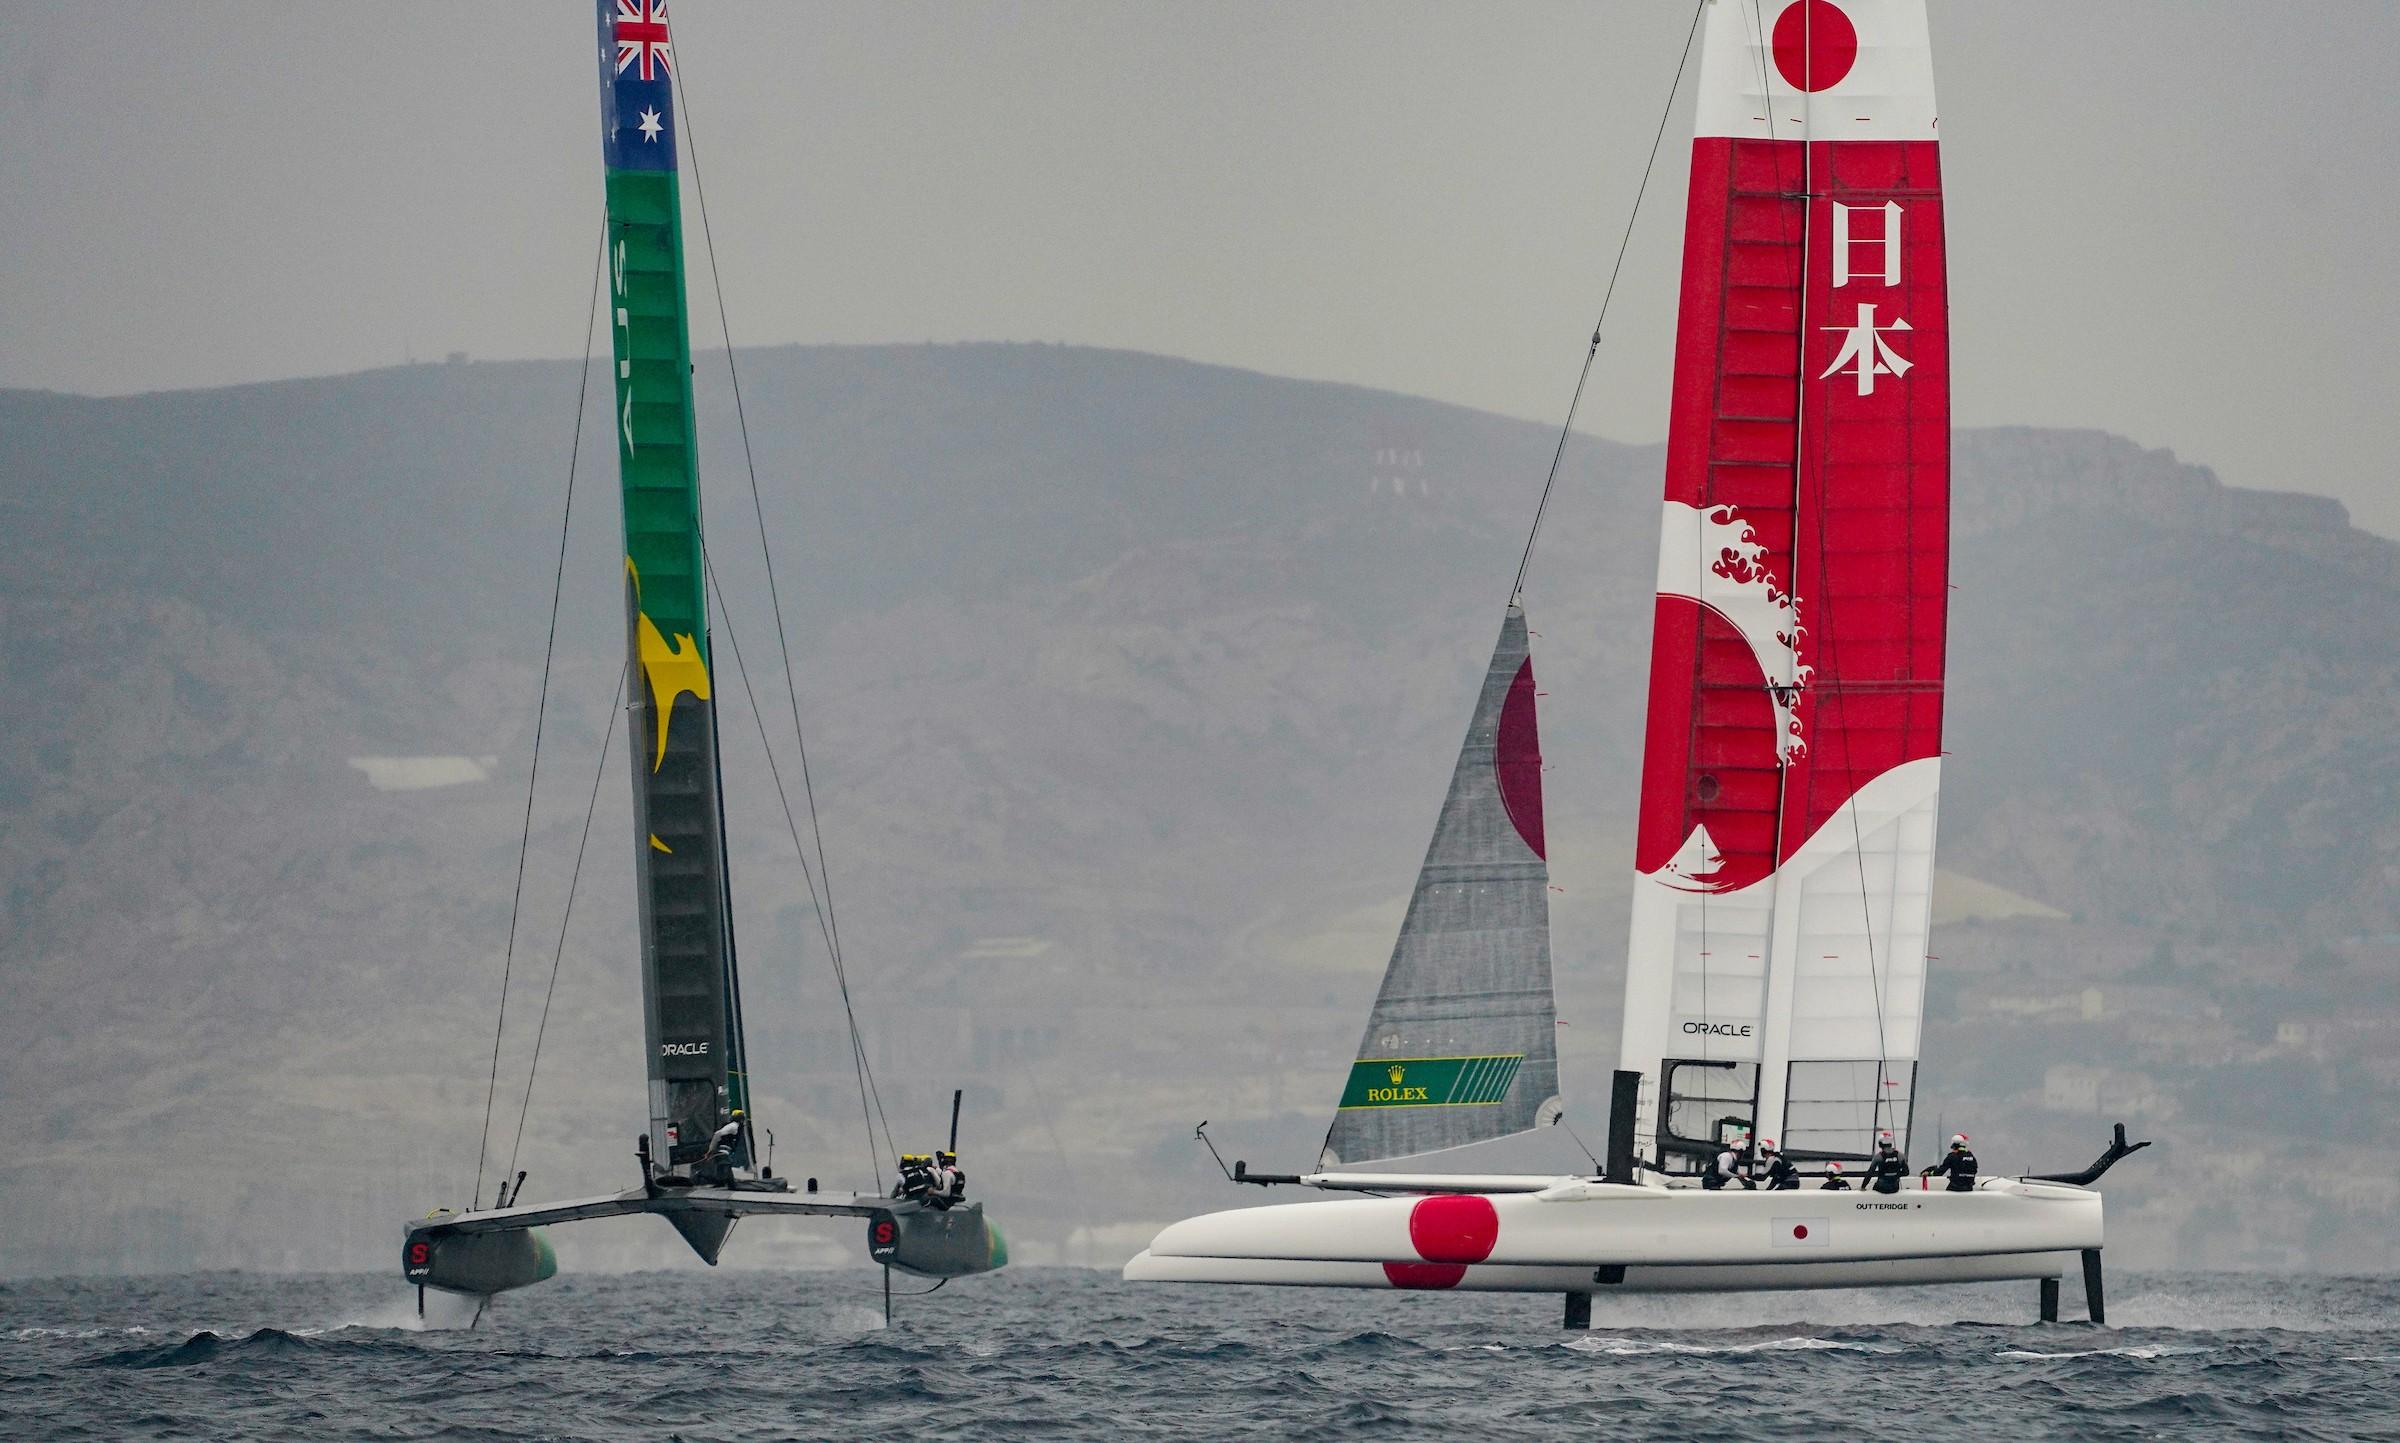 赛季,中国队,帆船,最终,一个 马赛站圆满收官:中国队获赛季第三 澳大利亚夺得冠军  073418cerz8ezocldn2bnw